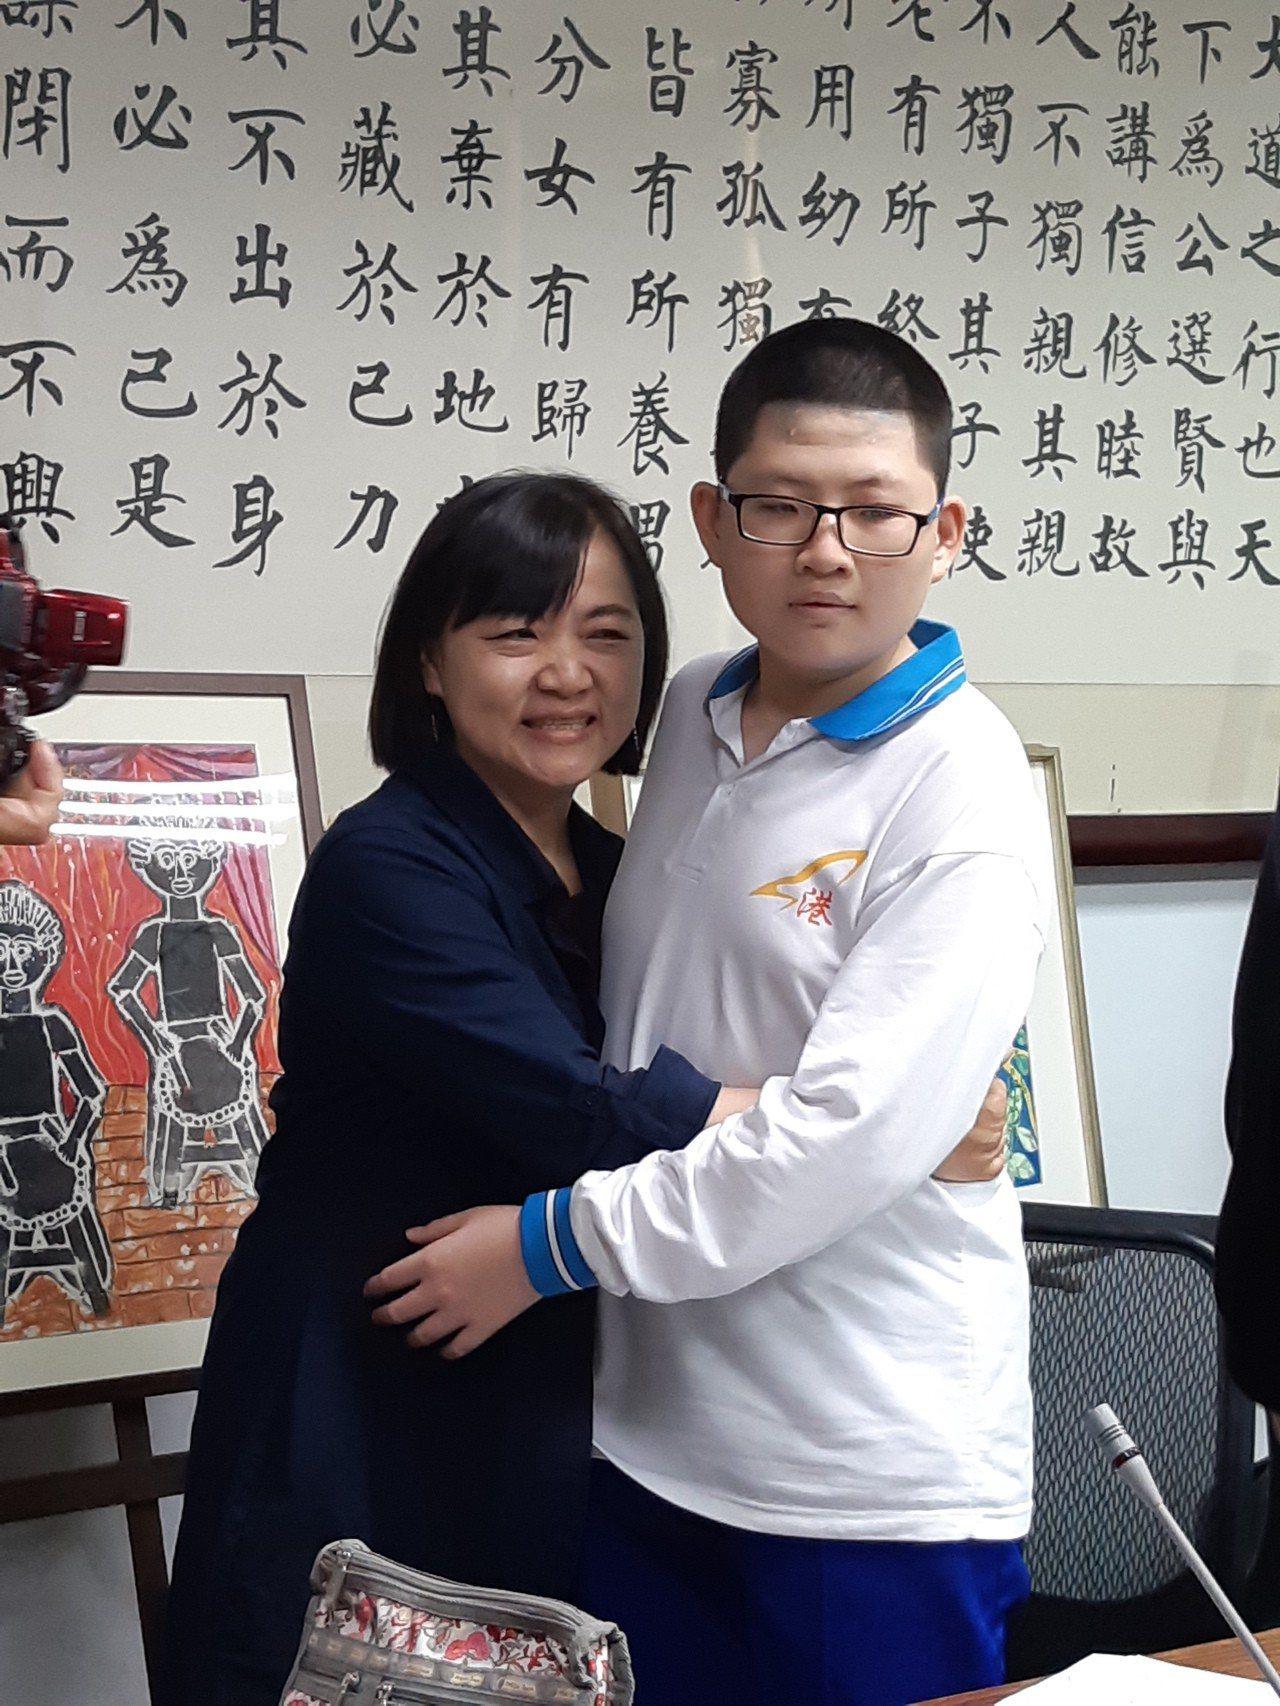 媽媽陪著罹患小胖威利症候群的孩子蘇亦禾一起成長,母子情深。圖/小港國中提供